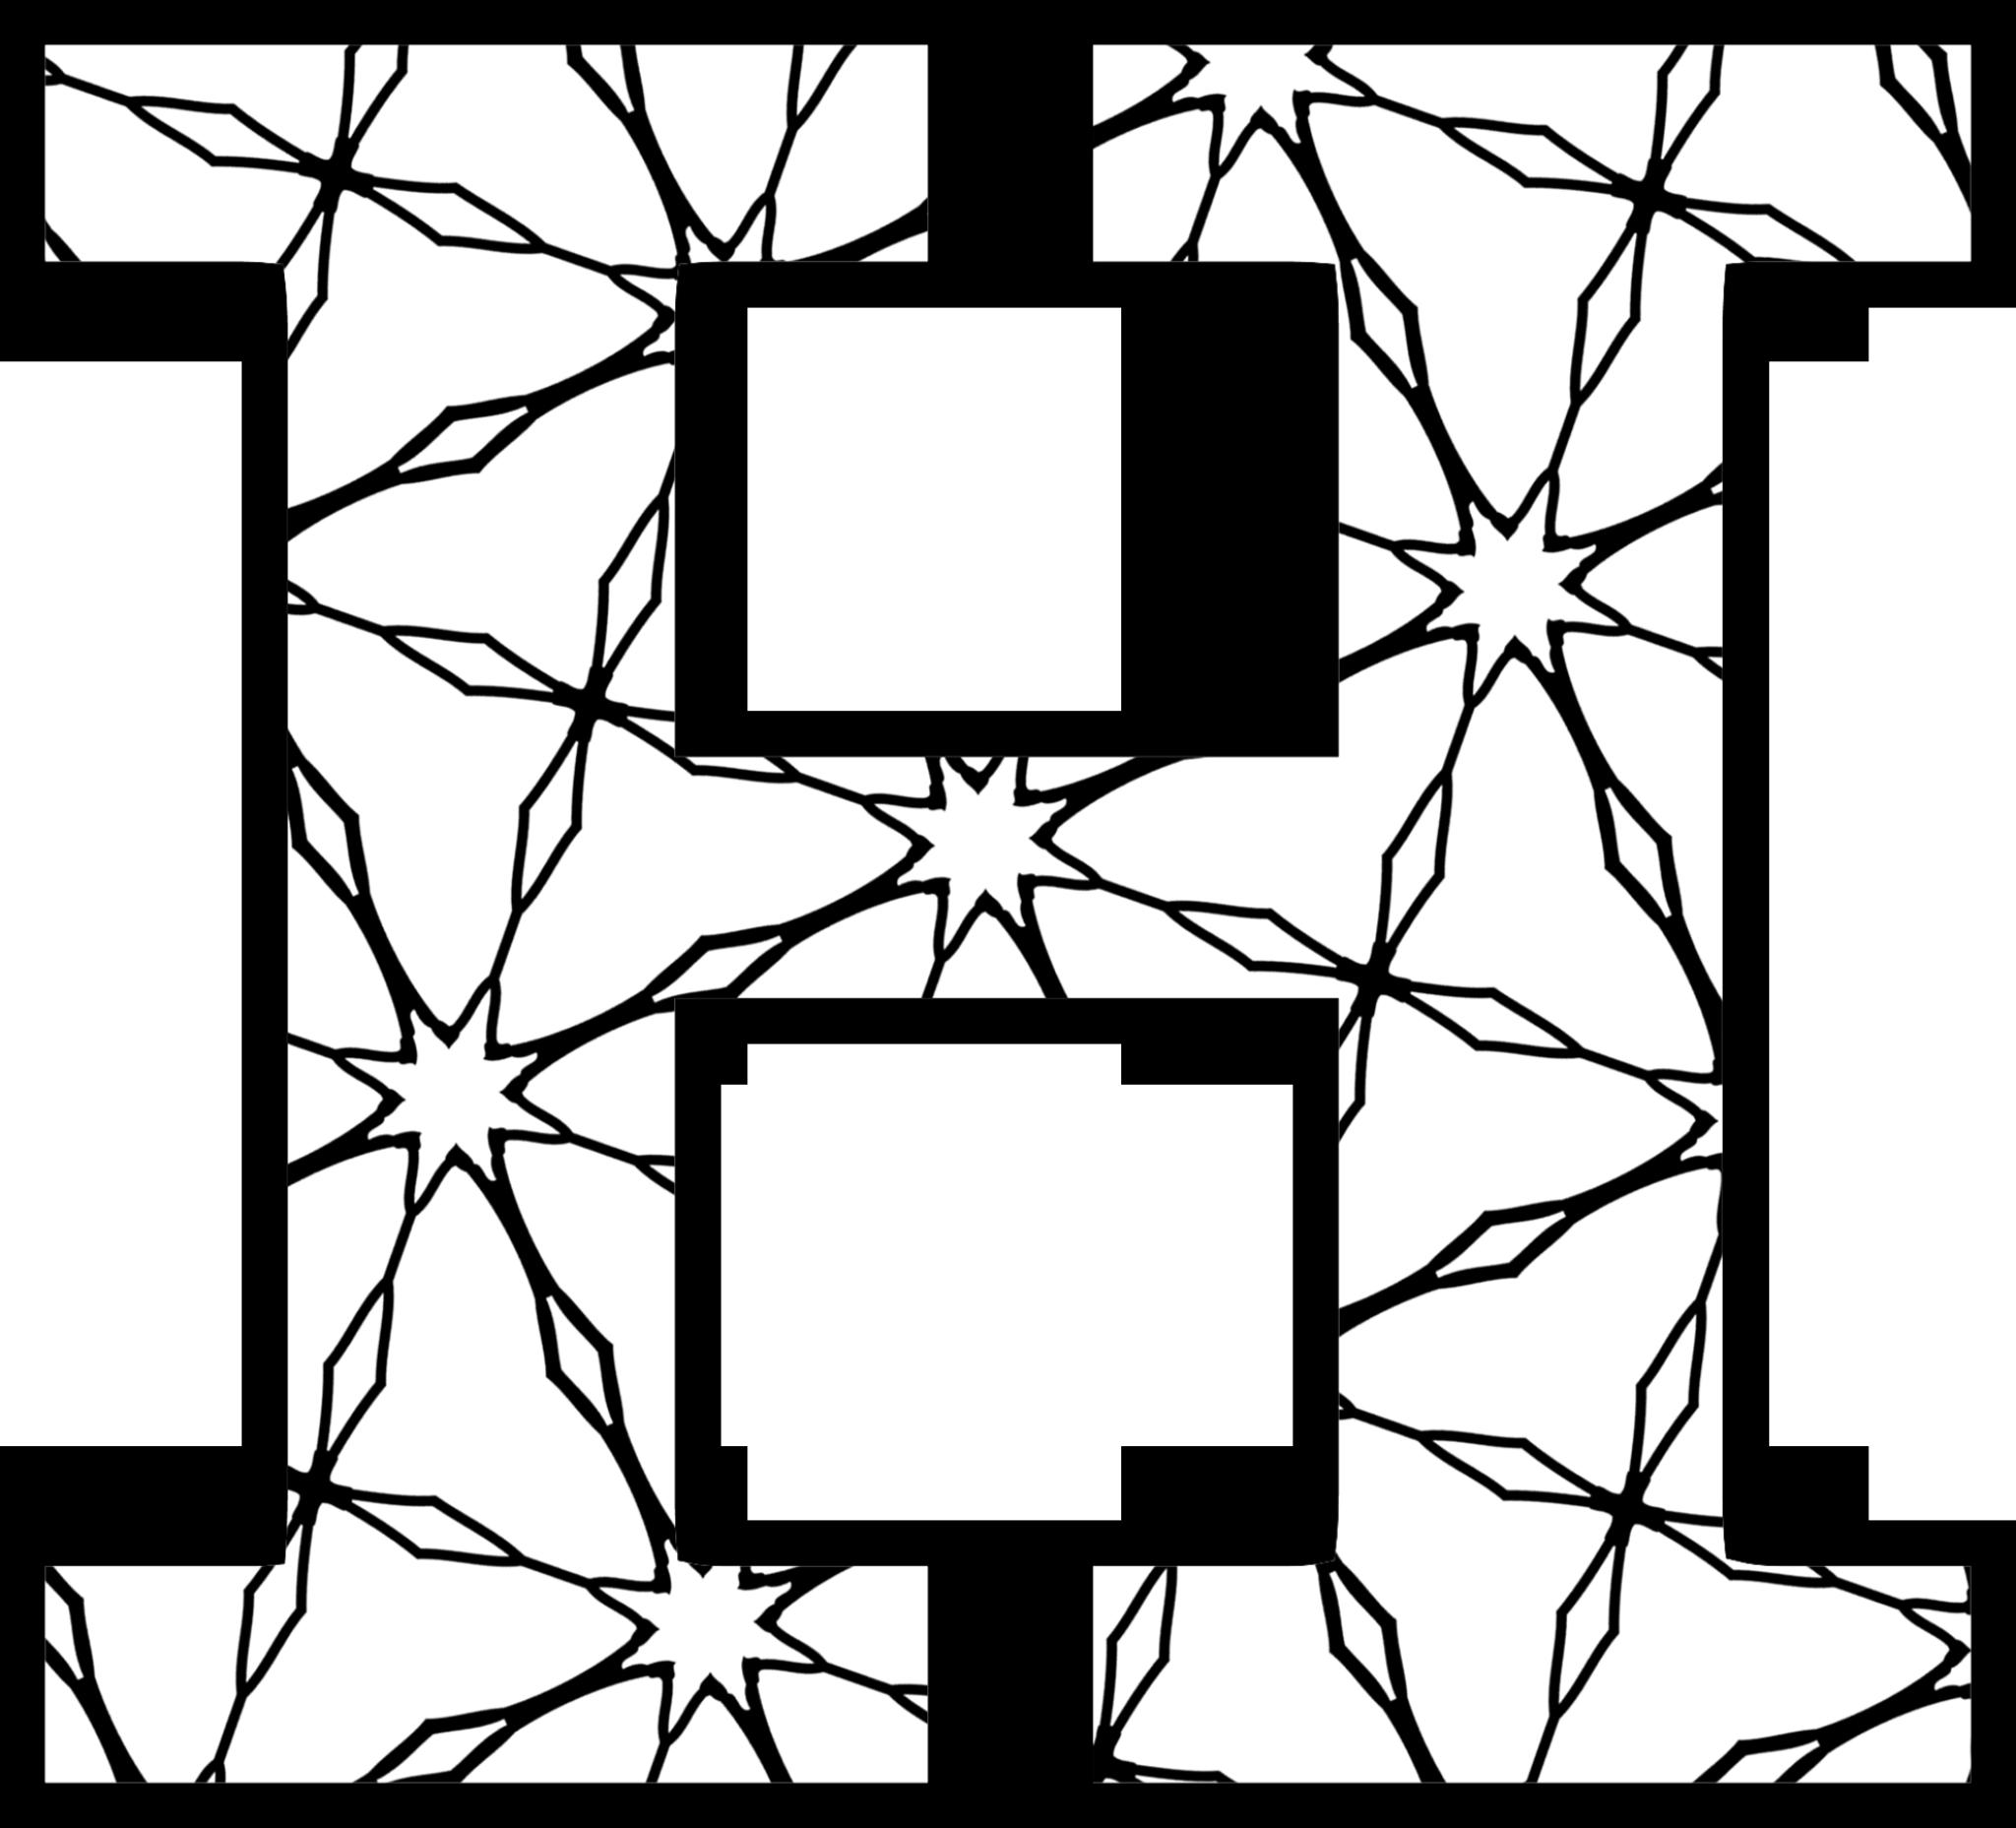 h_awaythepixels 2048×17 pixels  printable